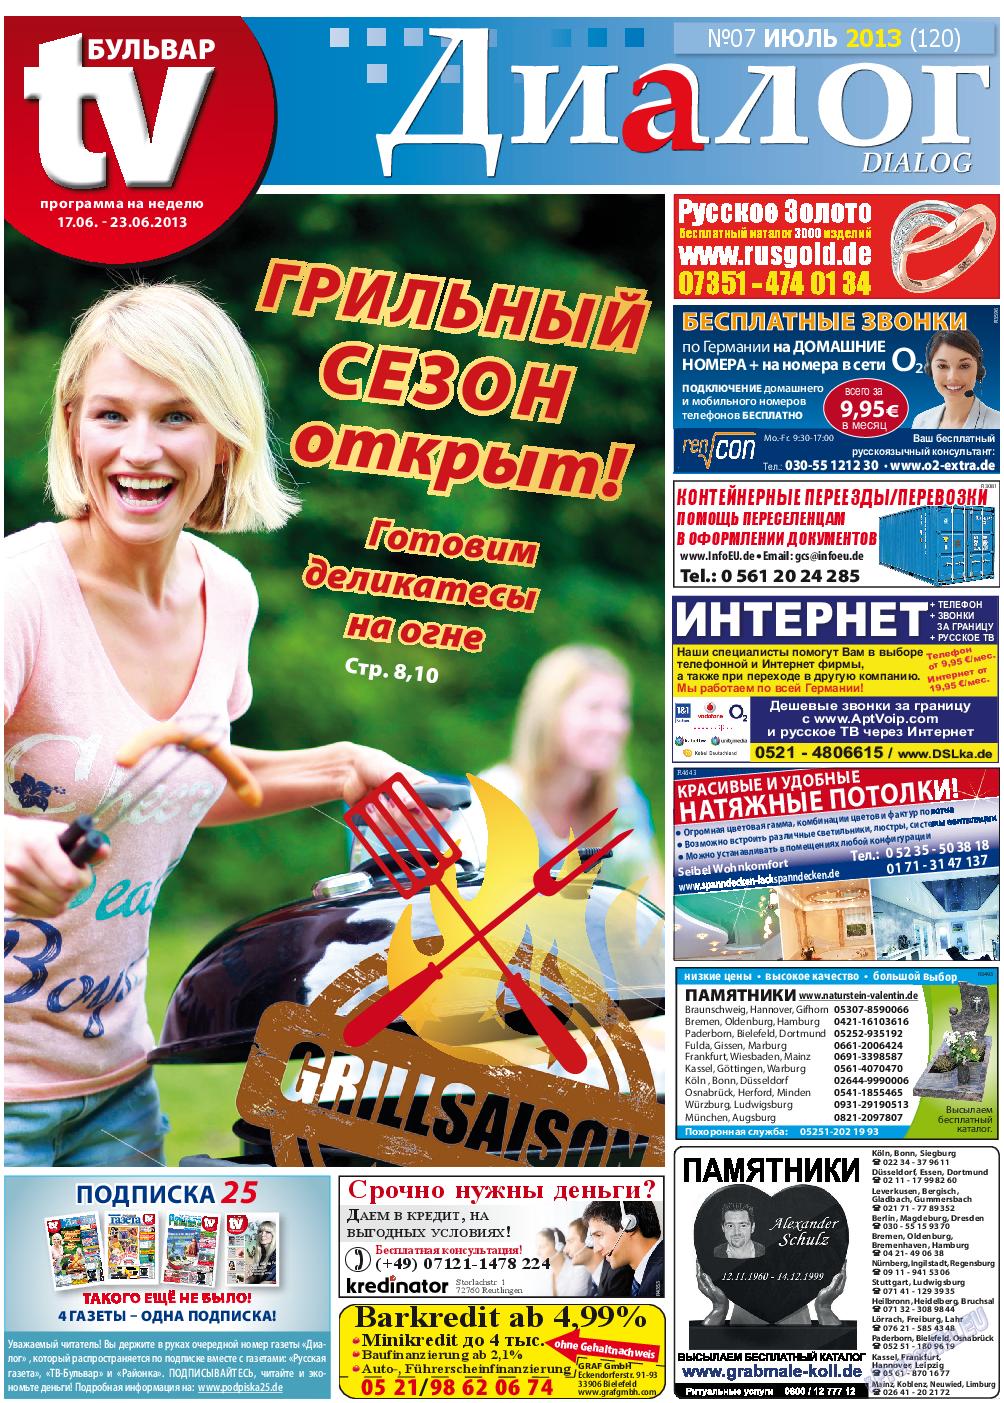 Диалог (газета). 2013 год, номер 7, стр. 1